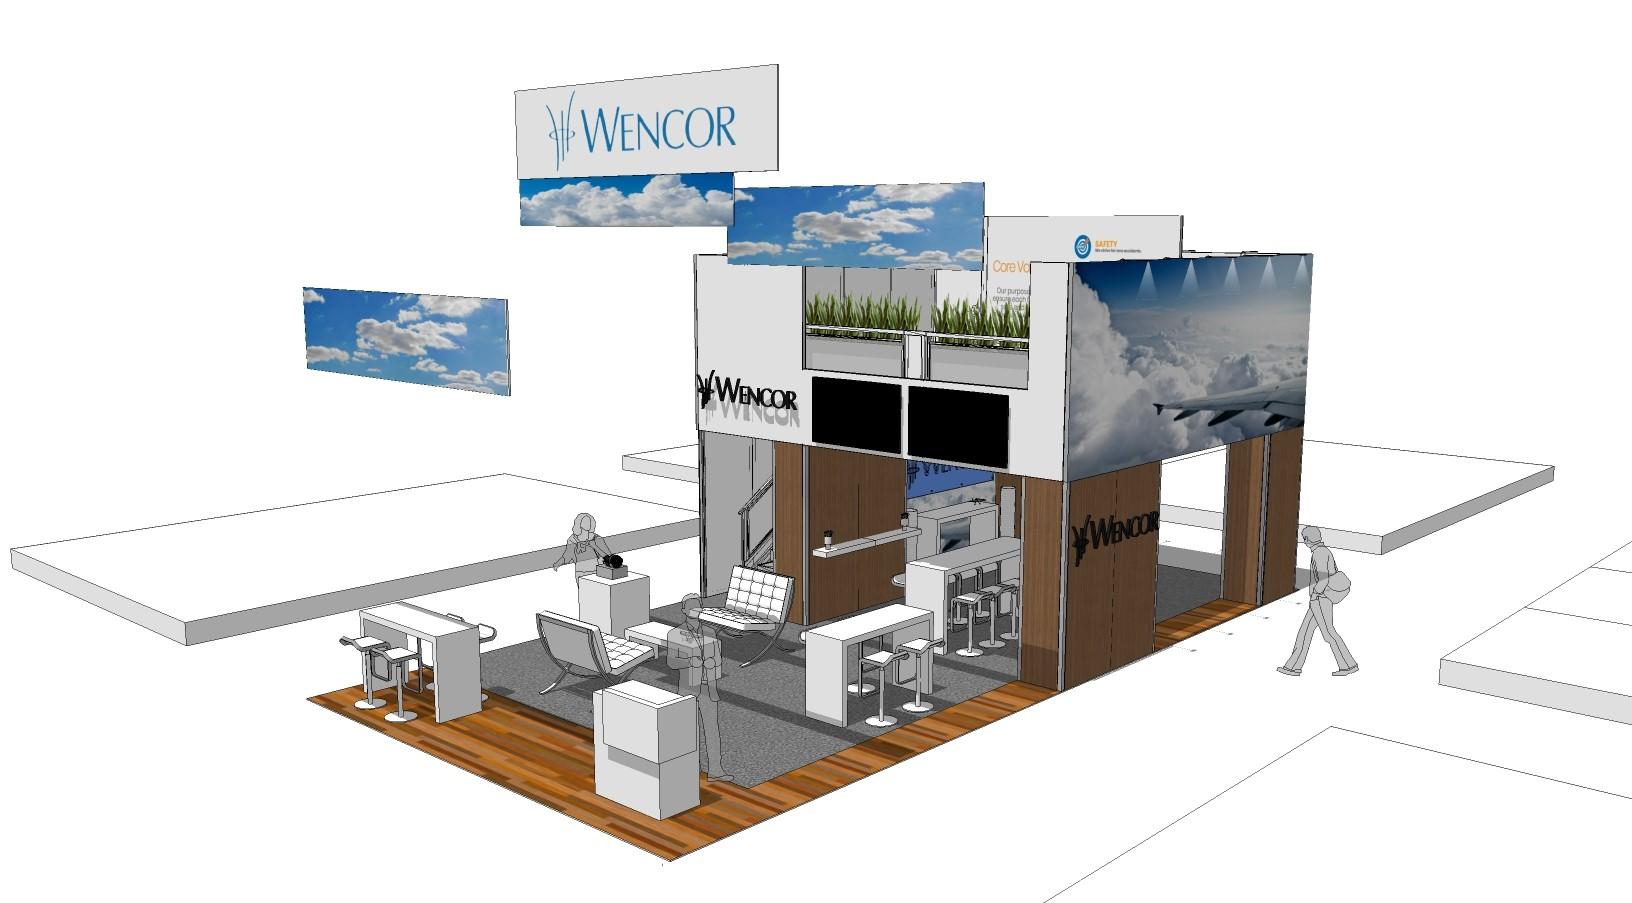 WENCOR_2020_v.02_Sc02_2020